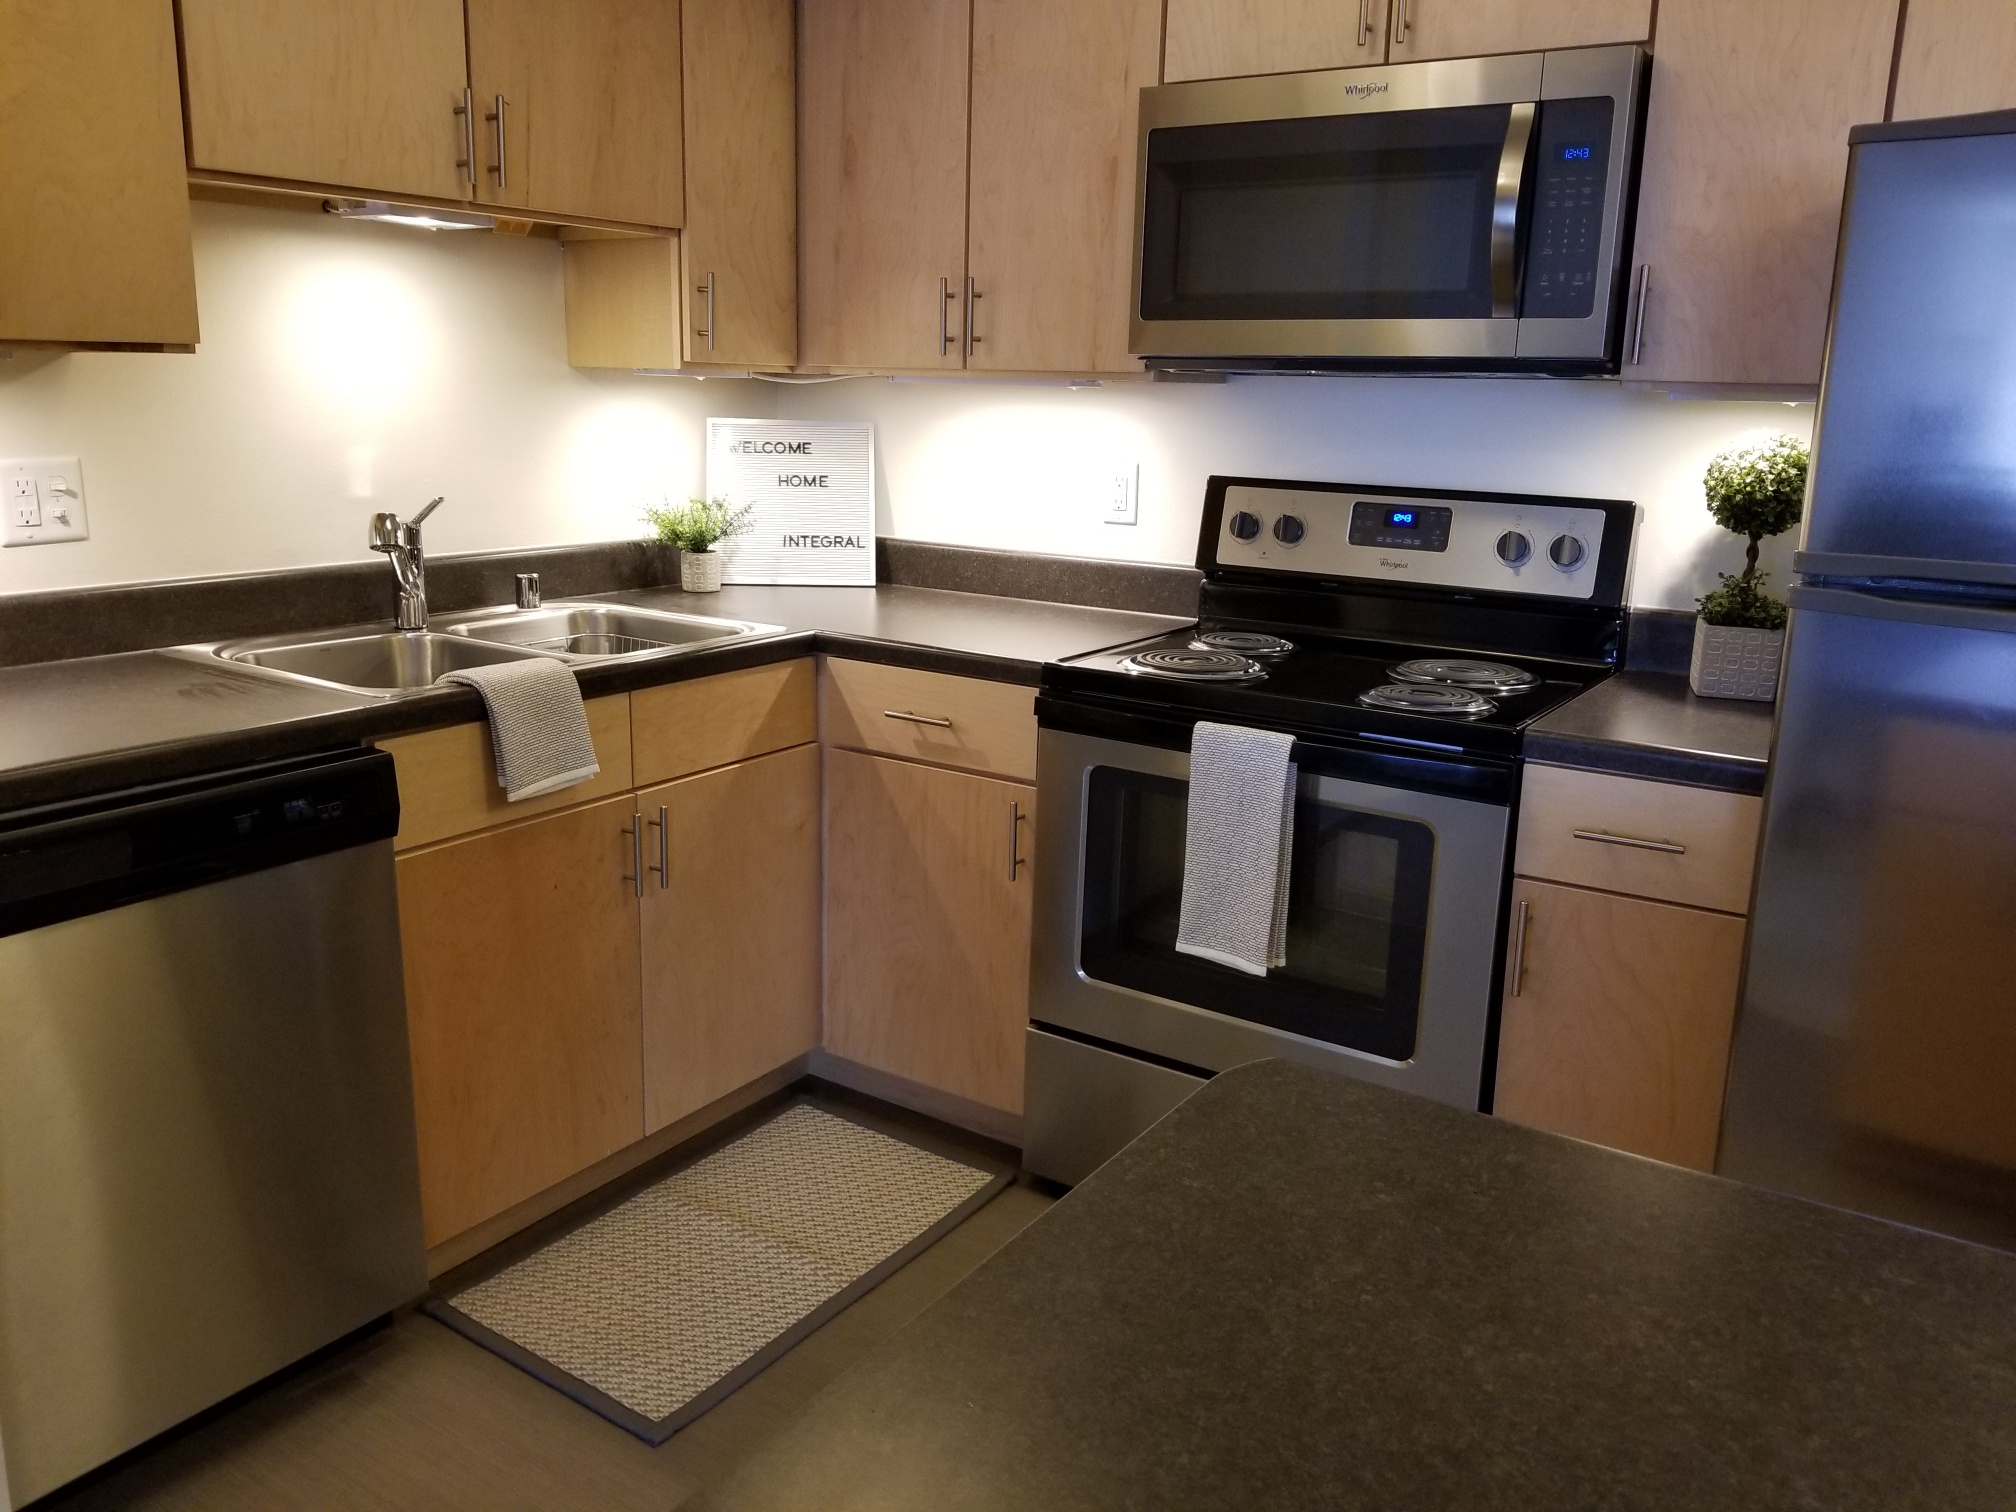 3939-805 kitchen 2.jpg